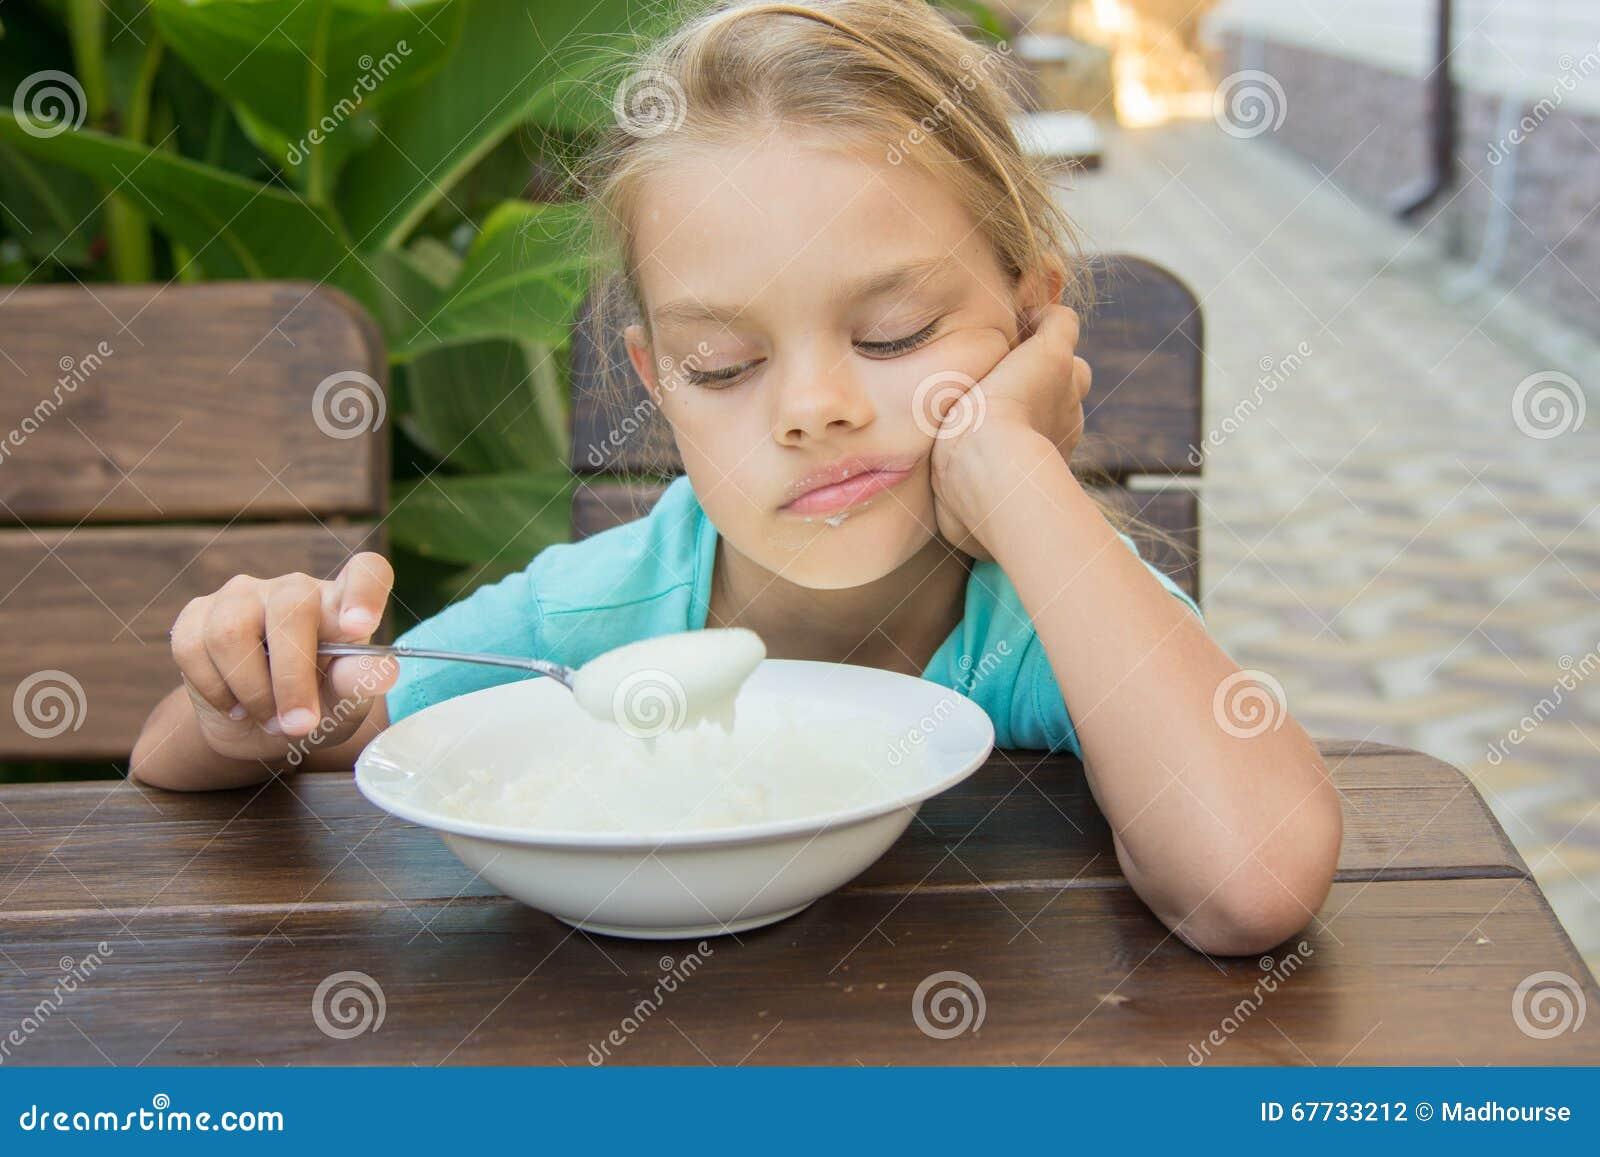 Muchacha de seis años trastornada que mira tristemente la sémola en una cuchara el desayuno